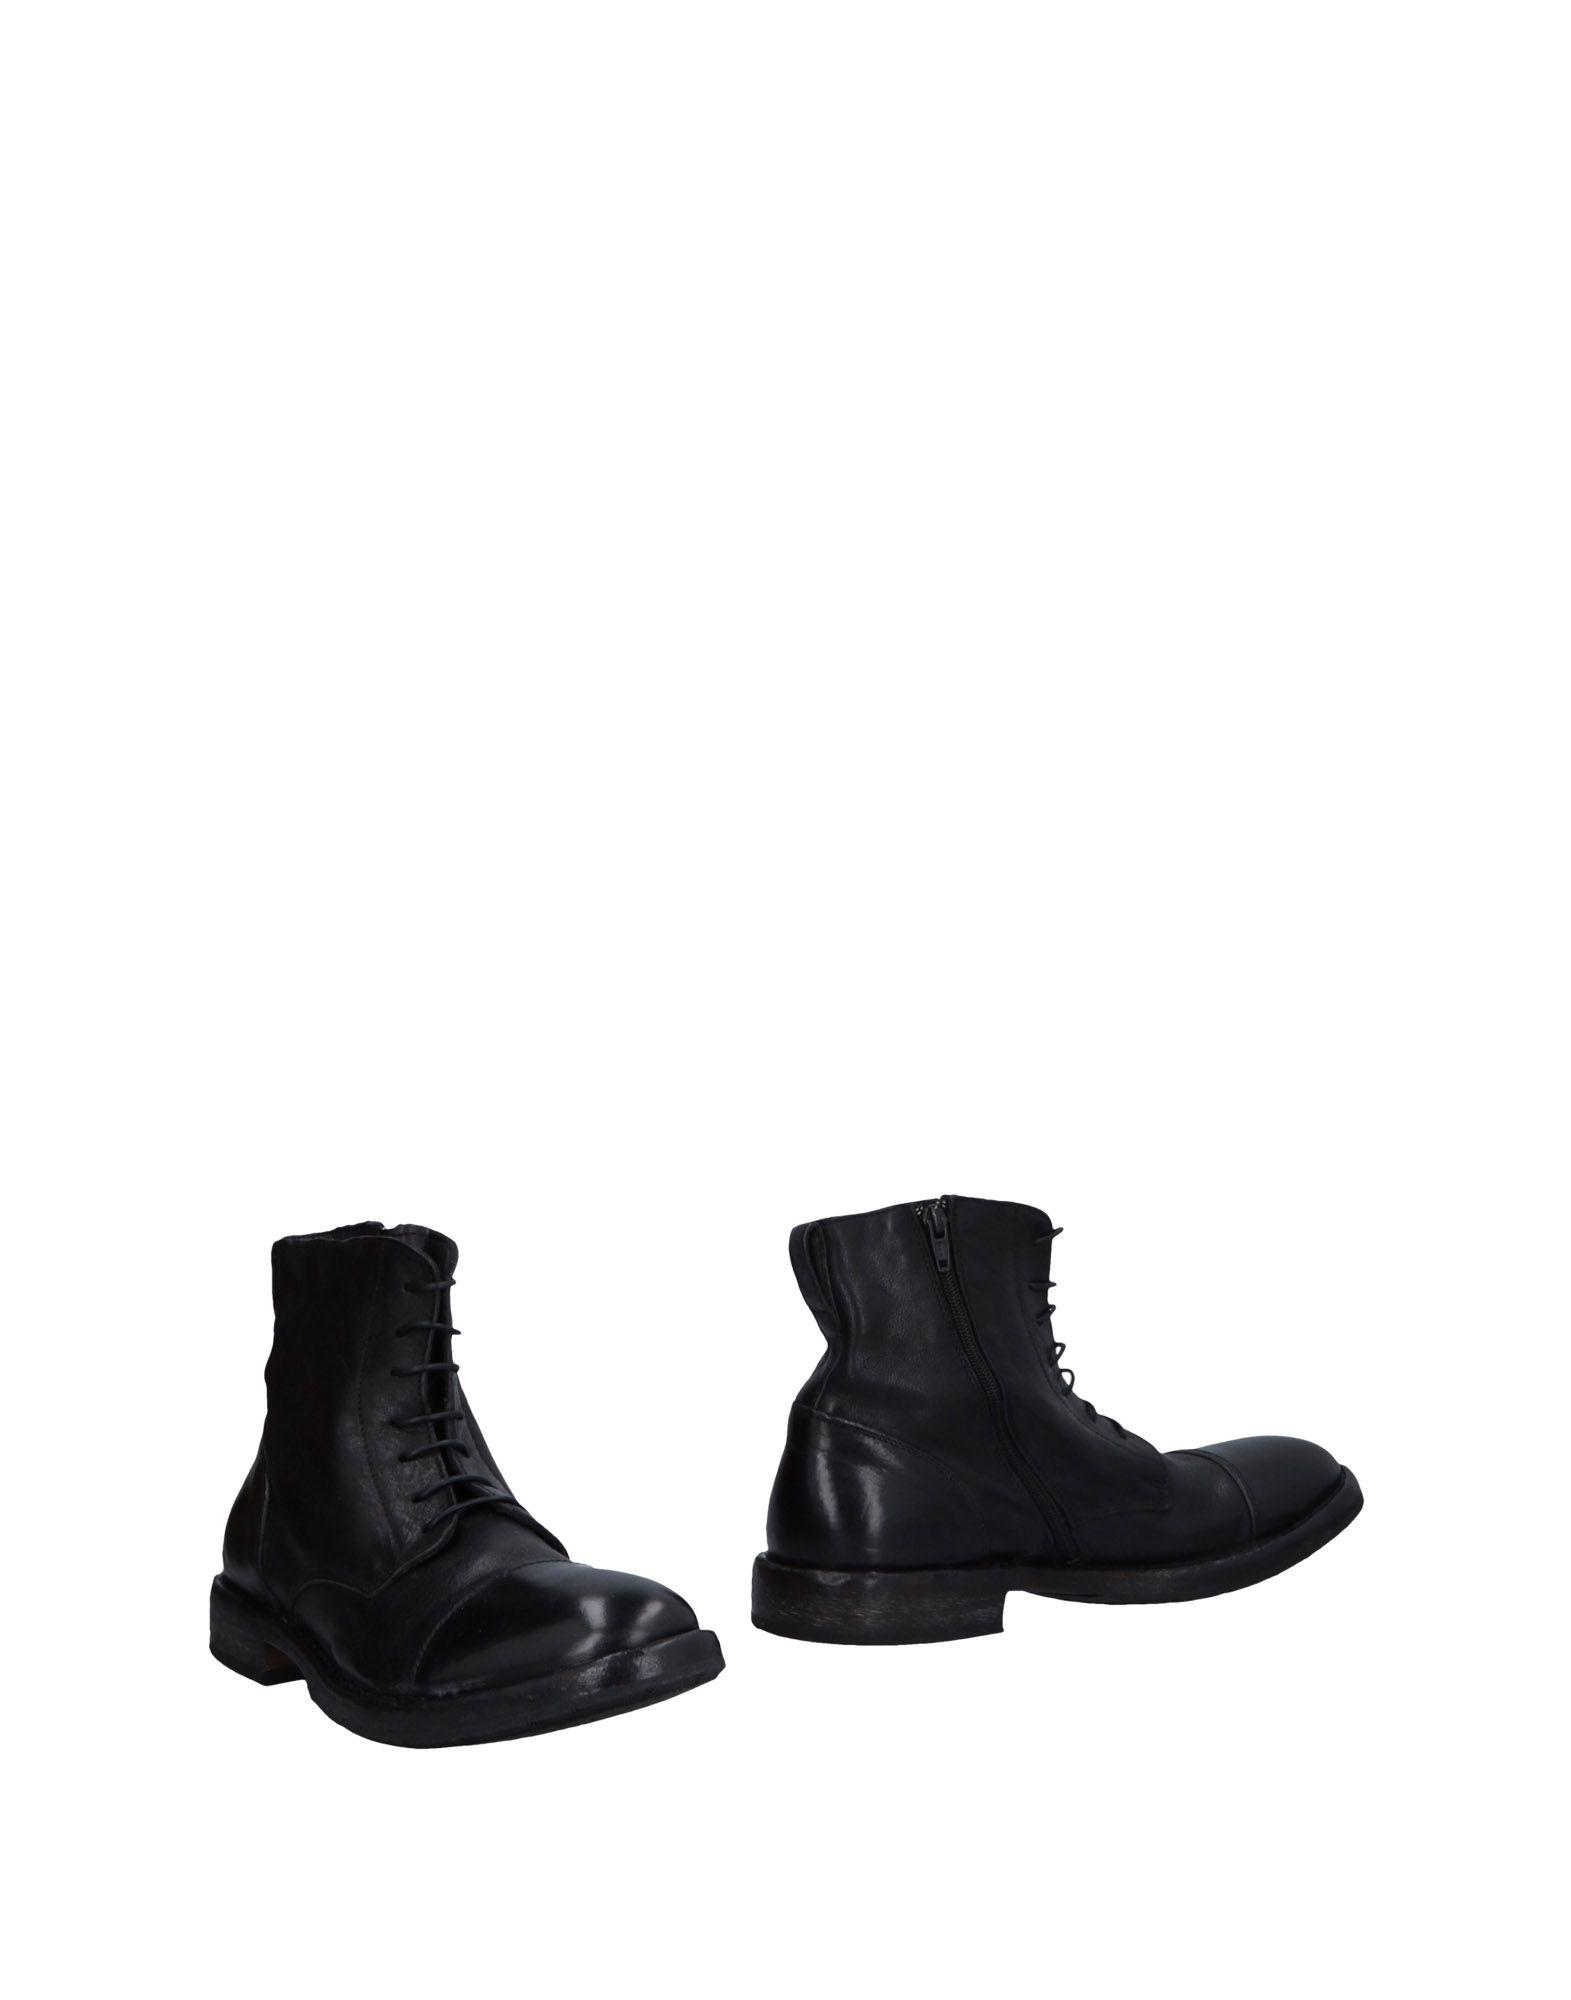 Moma Stiefelette Herren  11471390NX Gute Qualität beliebte Schuhe